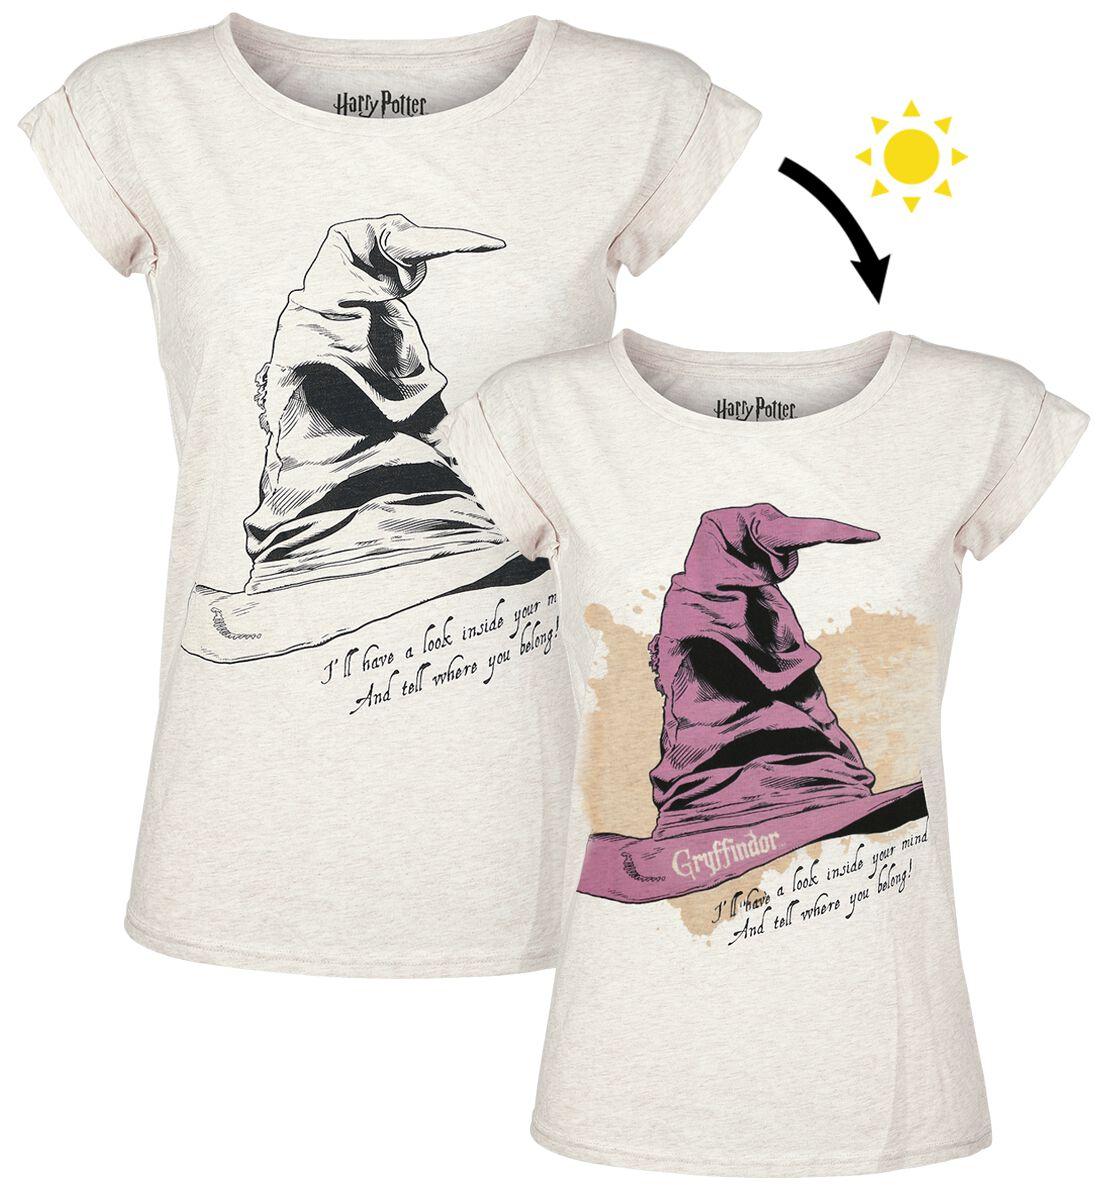 b278b5c0b Gryffindor T-Shirt - Der sprechende Hut | Harry Potter | EMP | EMP